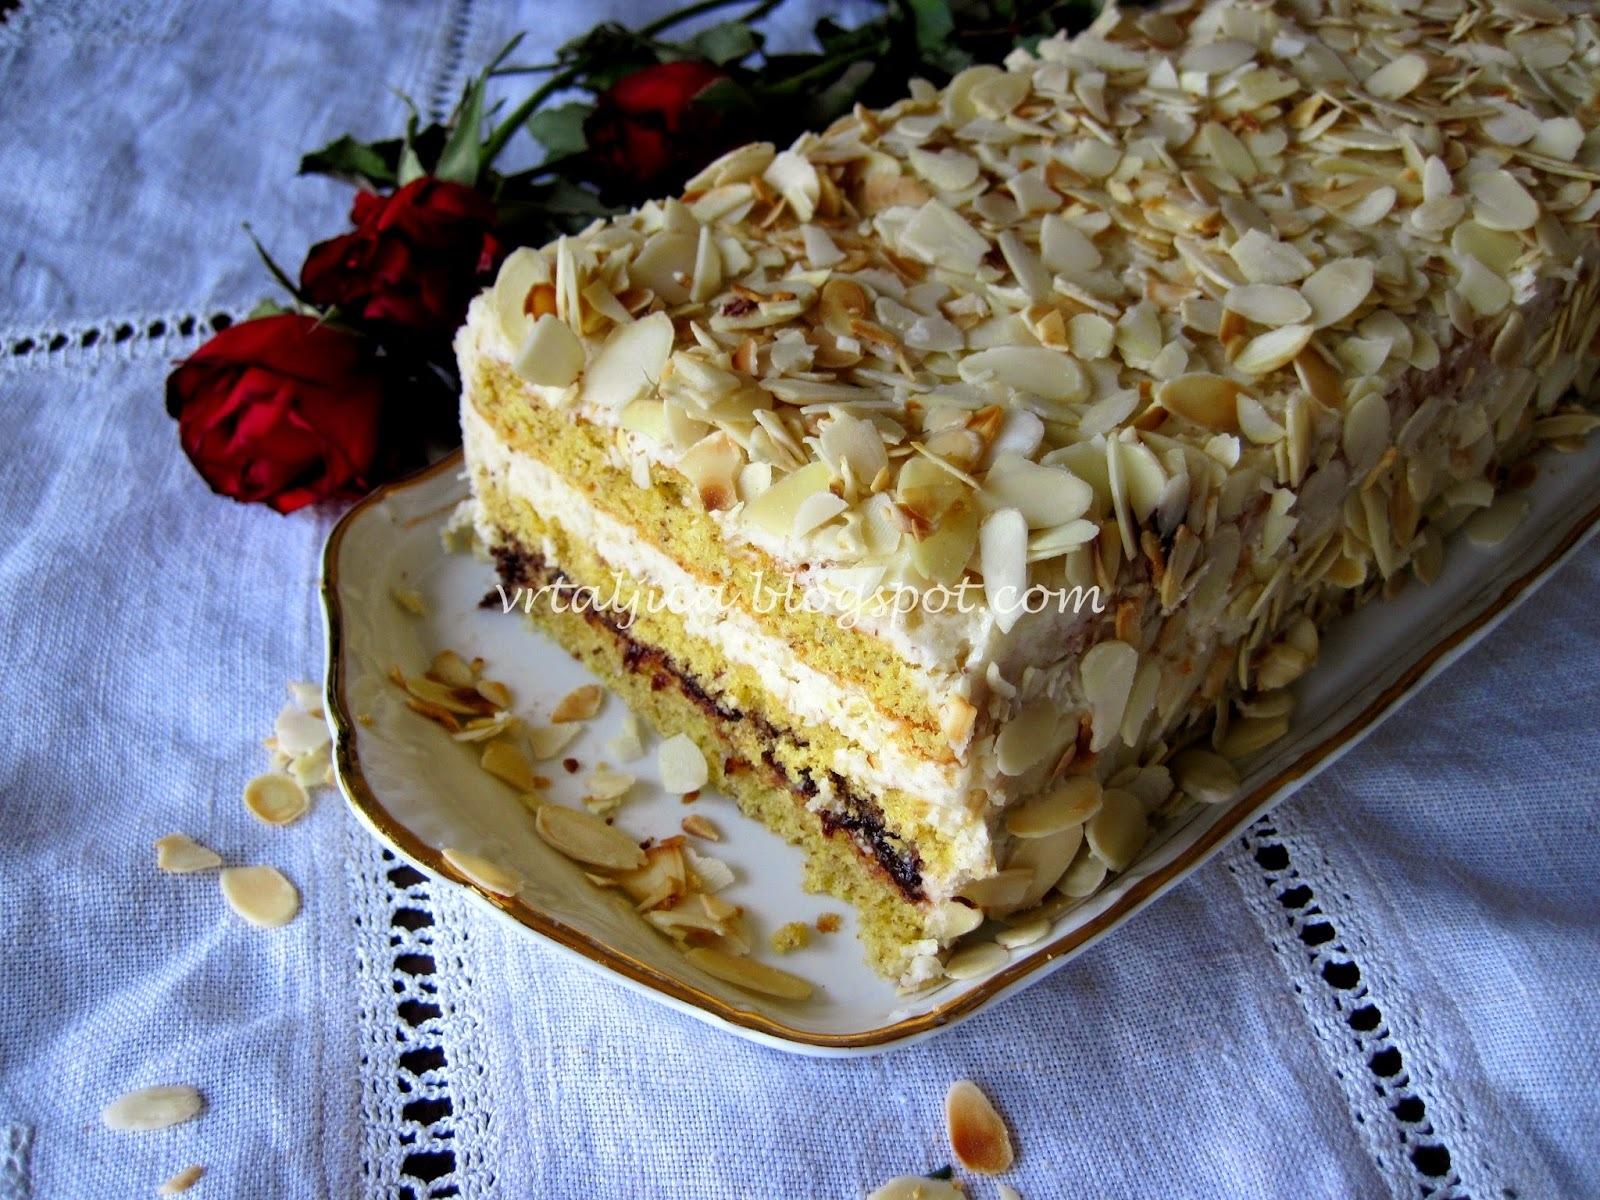 osvježavajuća torta od badema, rođendani i jedan giveaway